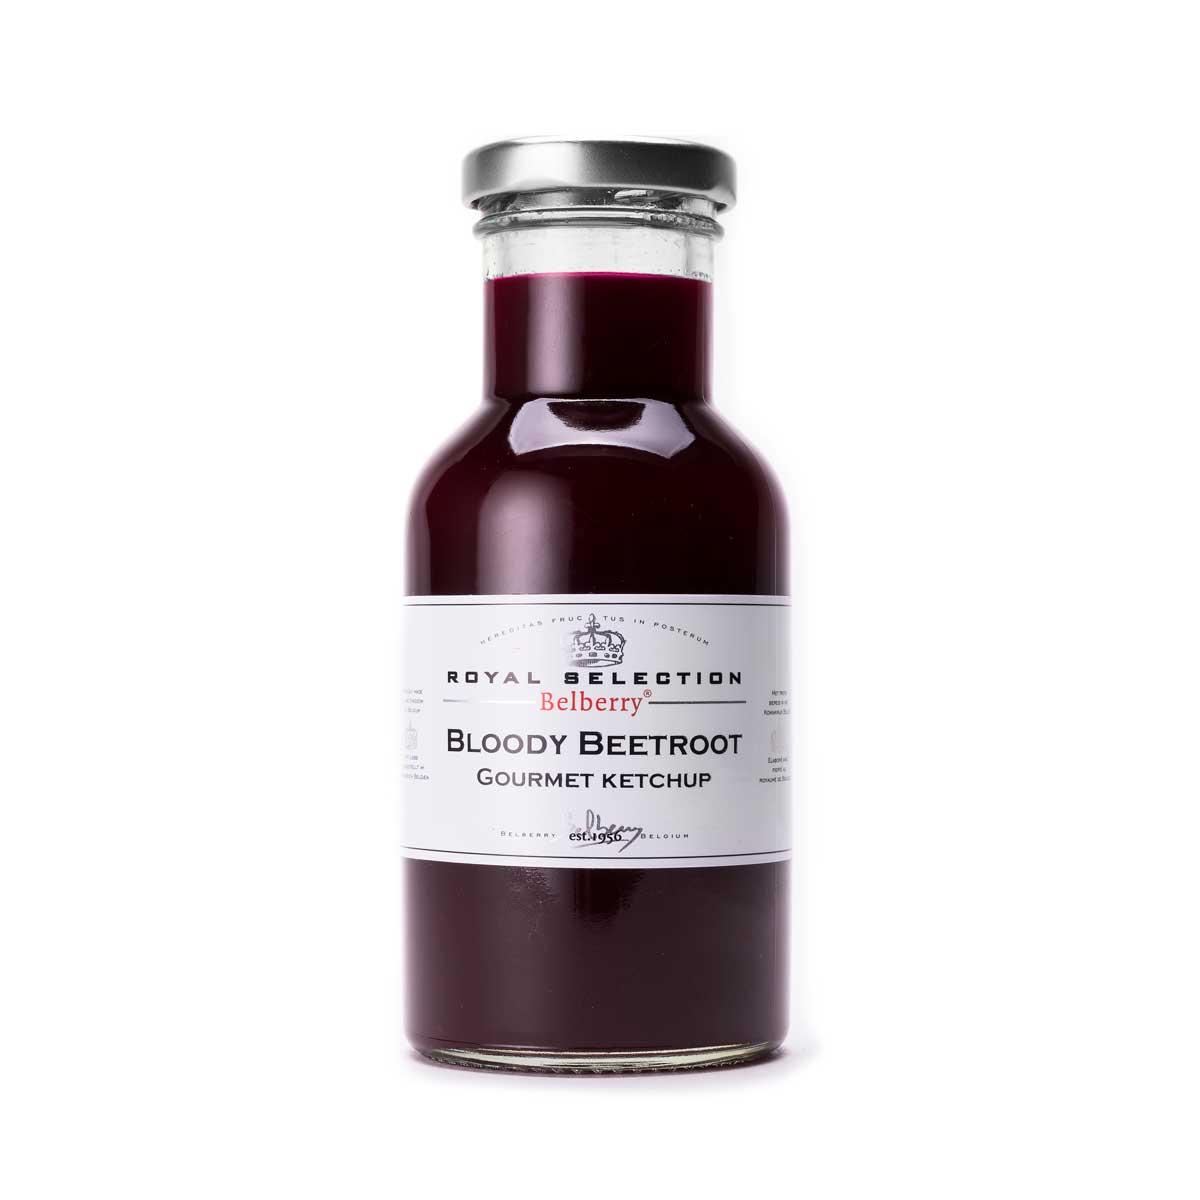 Bloody Beetroot Gourmet Ketchup